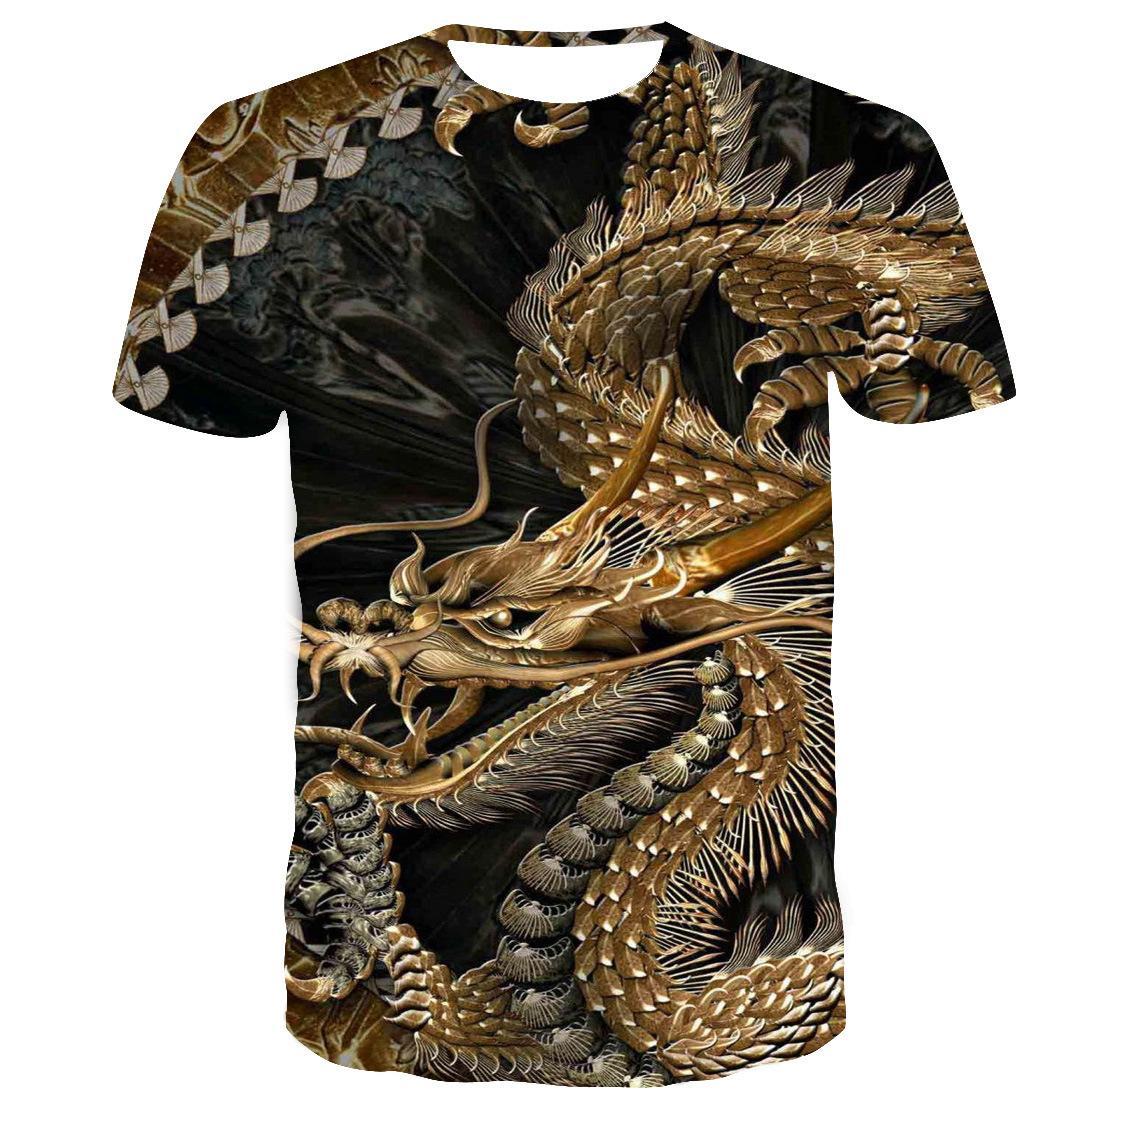 2020 yeni 3d ejderha deseni tişört kadın ve erkek aynı boyutta çift büyük boy kısa kollu elastik gündelik tişört bedeni 110-6XL